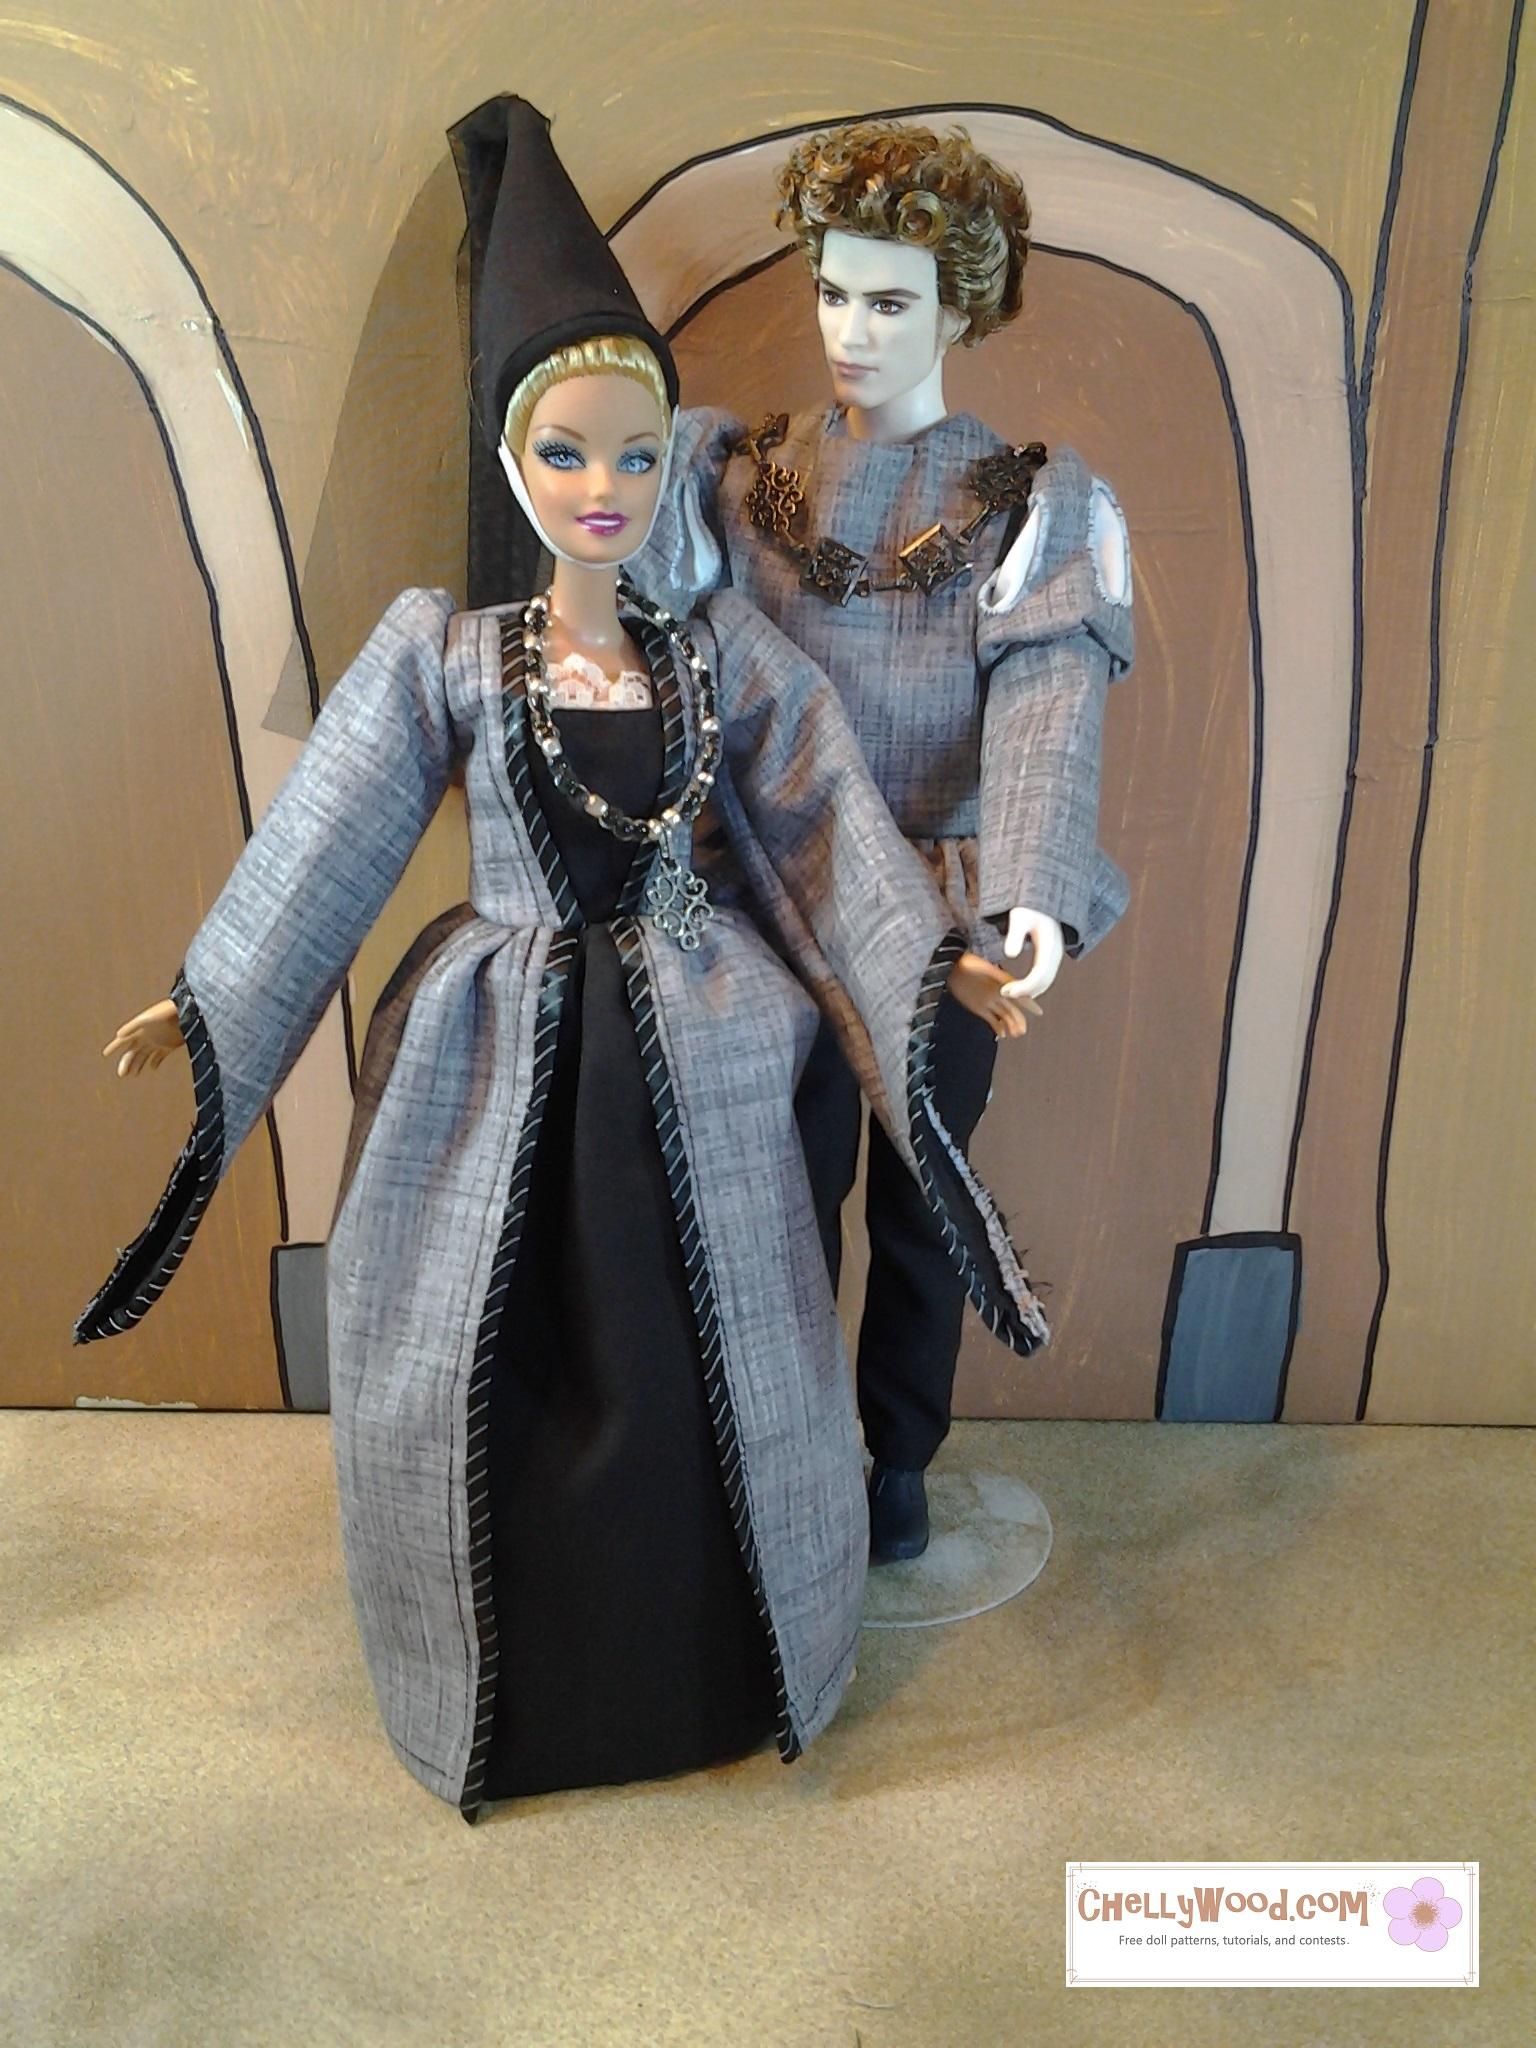 Barbie Dress Up Games Renaissance Faire Chelly Wood